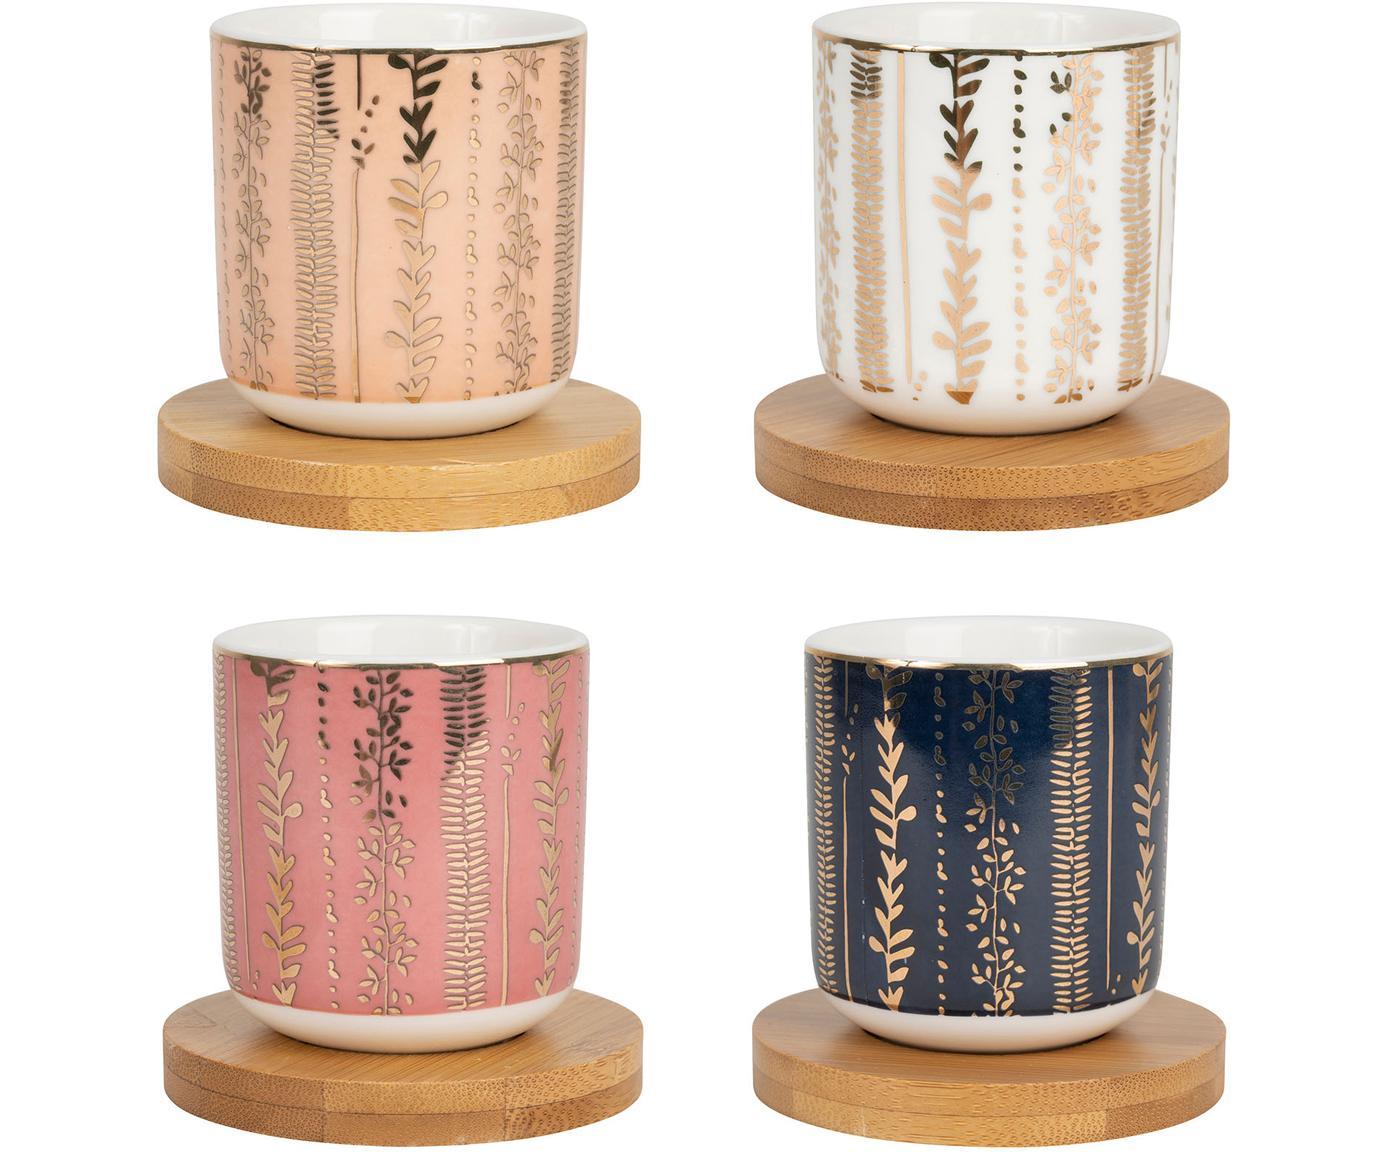 Espressobecher Veg-Gold  mit Golddetails und Untersetzer, 8er-Set, Porzellan, Bambus, Rosa, Blau, Ø 6 x H 7 cm